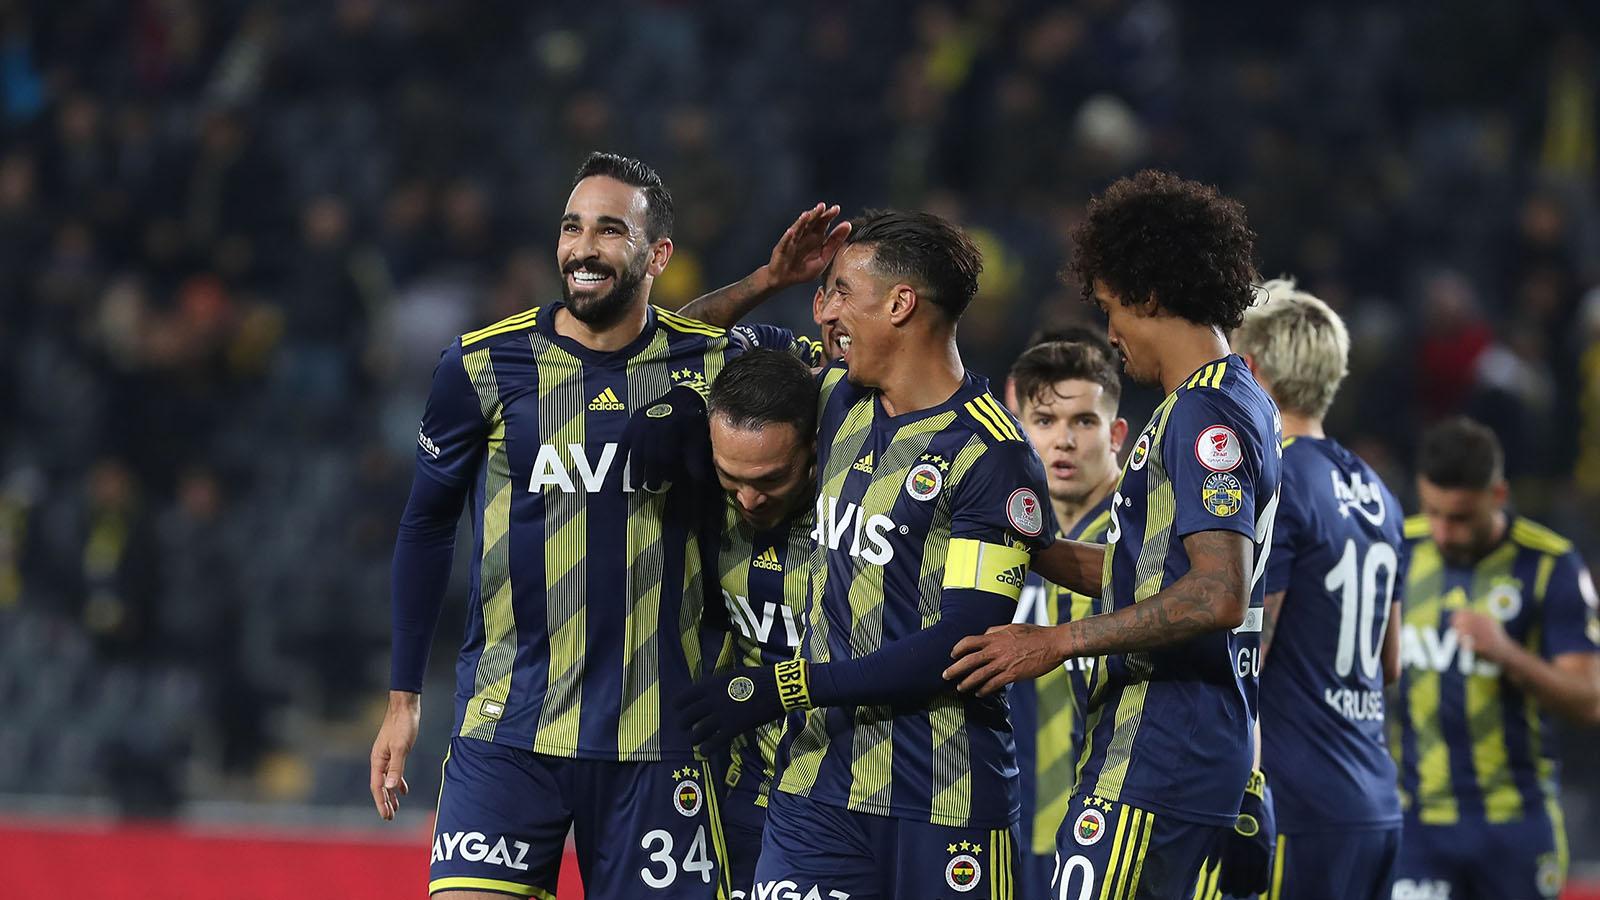 Fenerbahçemiz, Ziraat Türkiye Kupası'nda çeyrek finalde